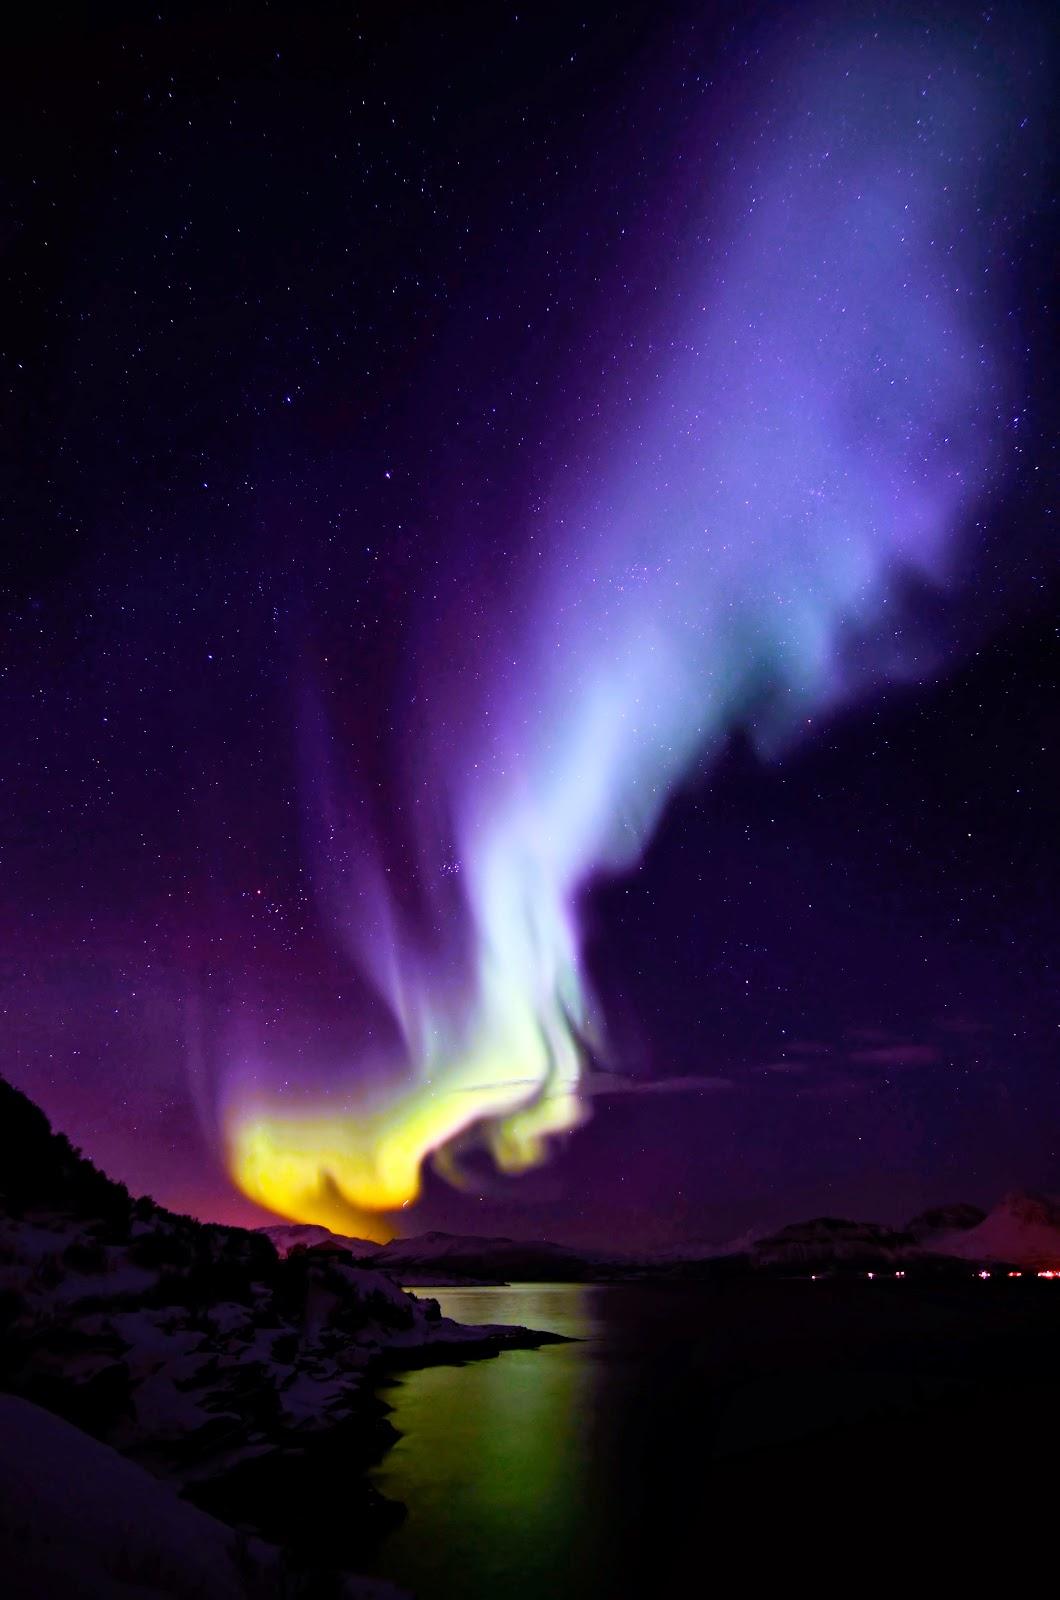 Bienvenidos al nuevo foro de apoyo a Noe #271 / 30.06.15 ~ 03.07.15 - Página 38 Aurora+boreal+azul